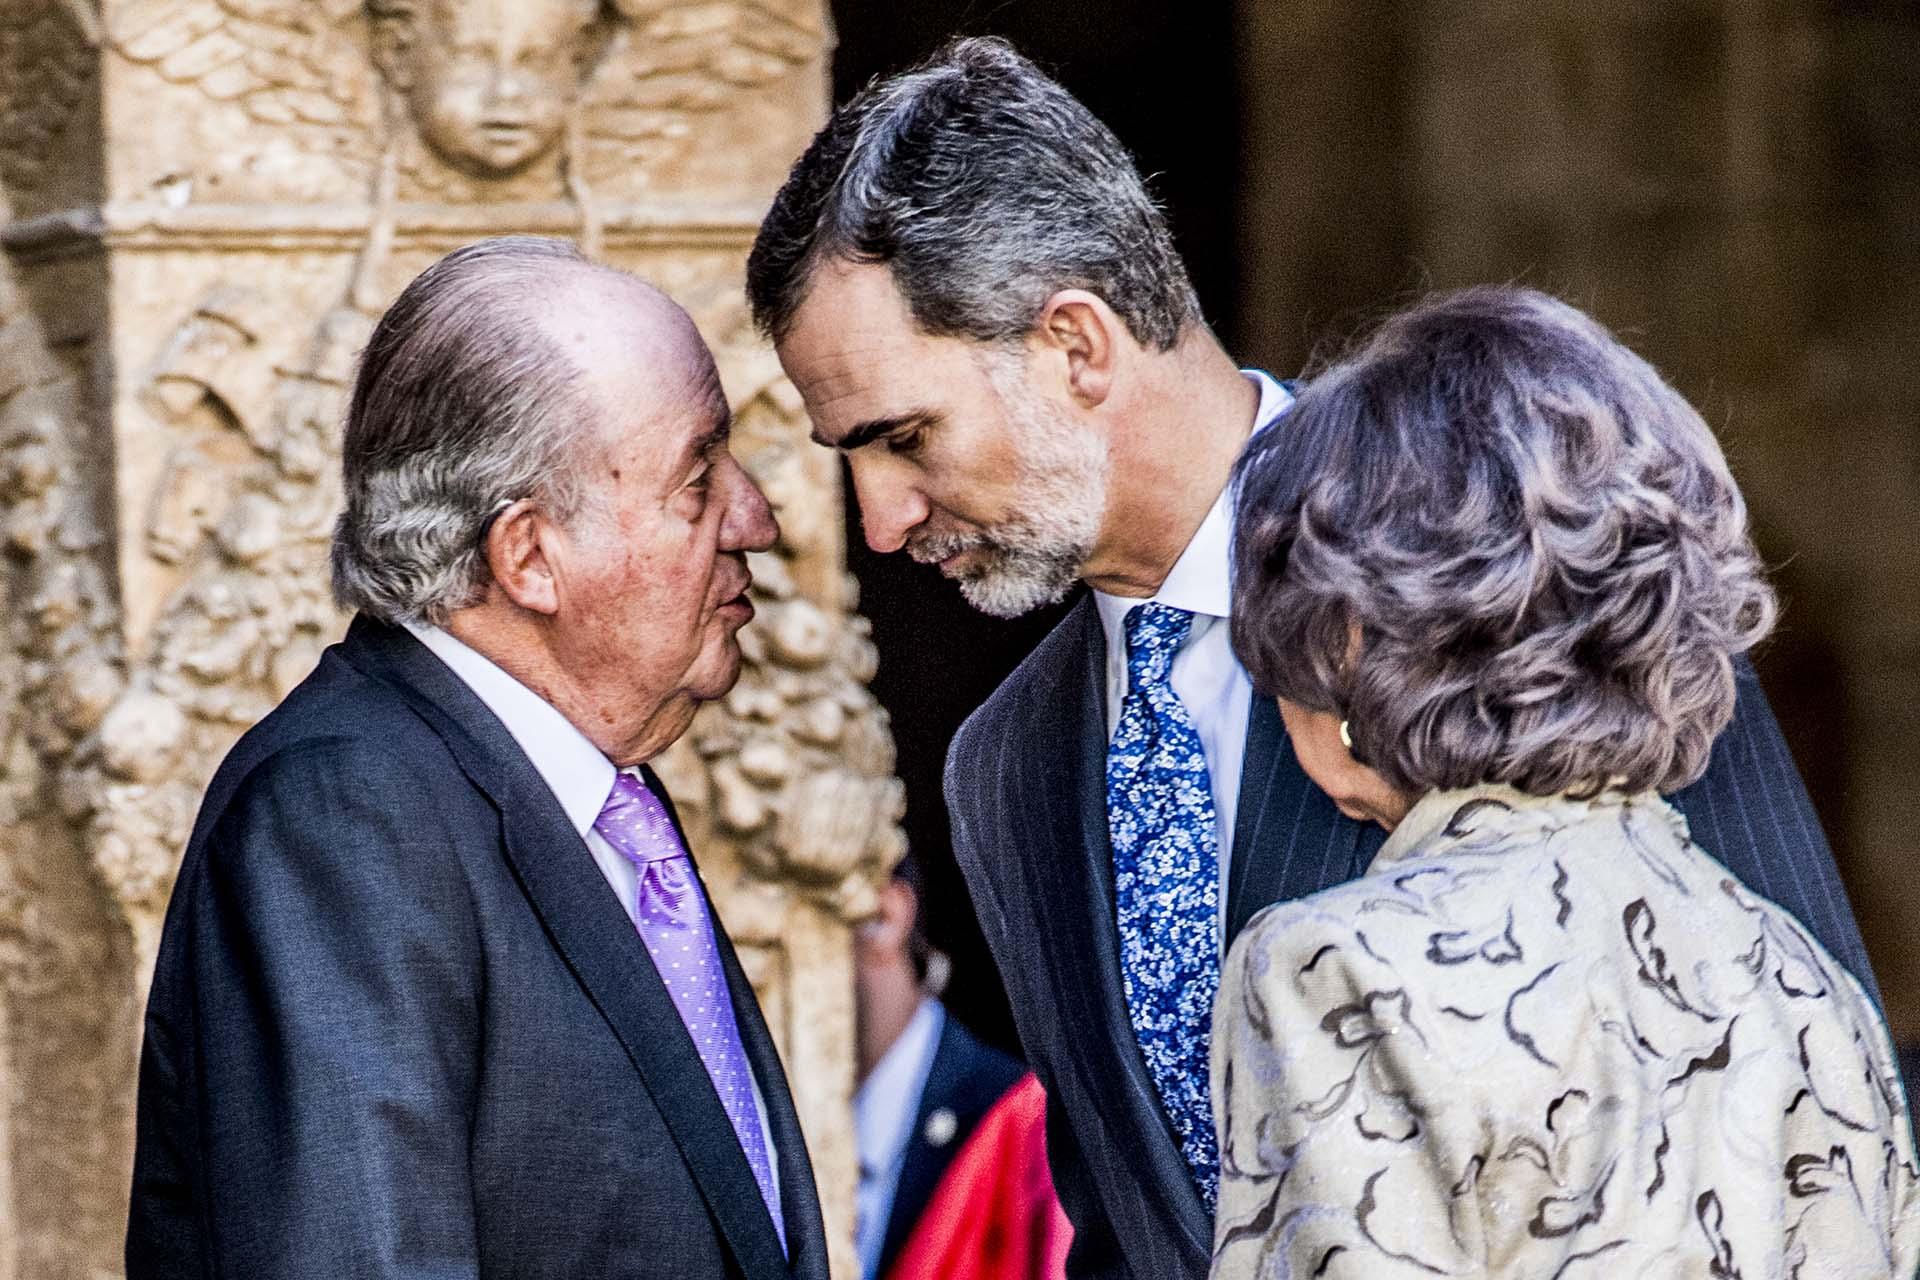 El rey emérito junto a su hijo, Felipe y su madre Sofía, de espaldas, en Palma de Mallorca, en una de las últimas imágenes de ambos juntos (Shutterstock)